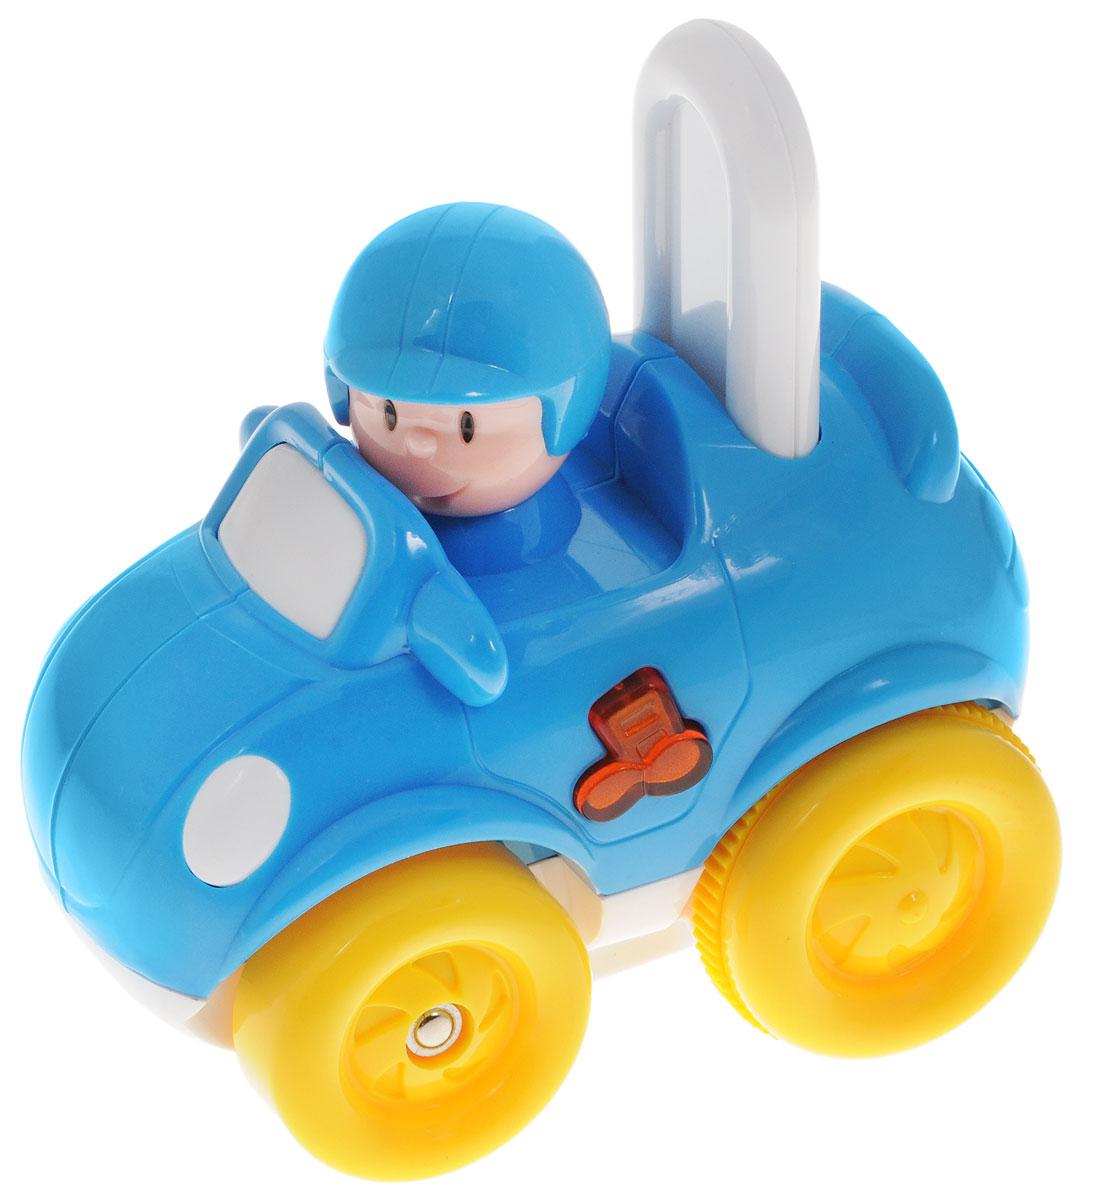 Navystar Гоночная машинка инерционная68071-T-RИнерционная гоночная машинка Navystar привлечет внимание вашего малыша и не оставит его равнодушным. Игрушка выполнена из прочного пластика в виде гоночной машинки с водителем. Сбоку игрушки имеется кнопочка в виде нот, при нажатии на которую воспроизводятся разные мелодии, звучит рев мотора и мигает огонек в кнопочке. Музыкальная игрушка-каталка воспроизводит 20 различных мелодий. Игрушка оснащена инерционным механизмом: если отвести машинку назад, а затем отпустить, она быстро поедет вперед. Если надавить на спинку сиденья позади водителя, машинка также поедет самостоятельно. Инерционная гоночная машинка Navystar поможет малышу развить цветовое и звуковое восприятие, координацию движений и мышление. Для работы игрушки необходимы 3 батарейки типа AG13 (LR44) напряжением 1,5V (товар комплектуется демонстрационными).